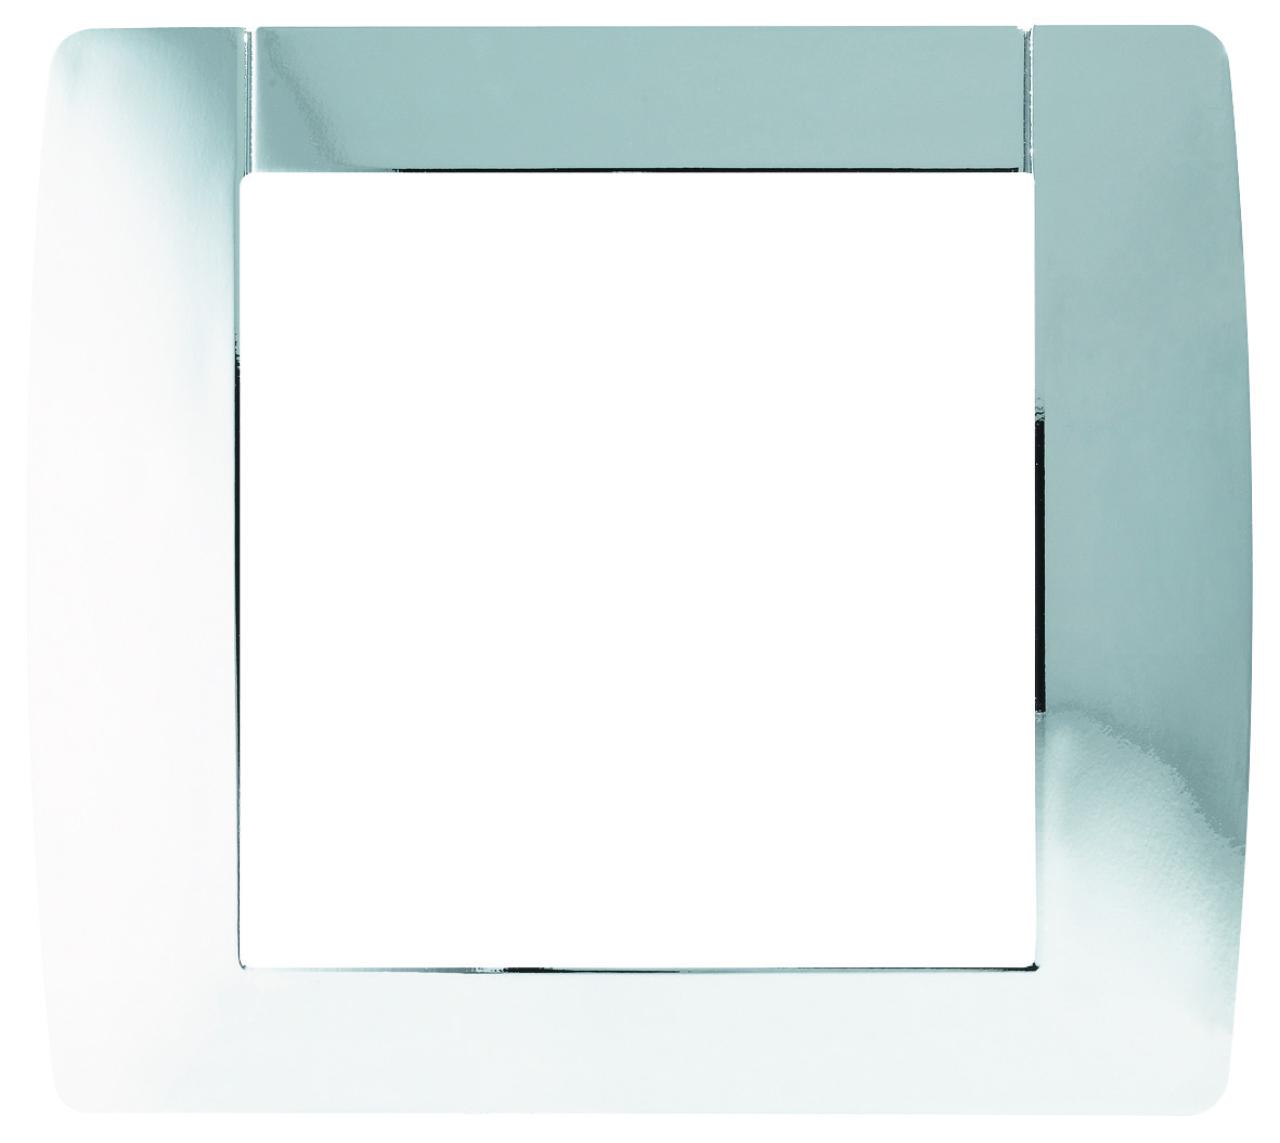 Plaque 3 postes vertical 57mm hager kallysta miroir 79 92 for Heure miroir 06h06